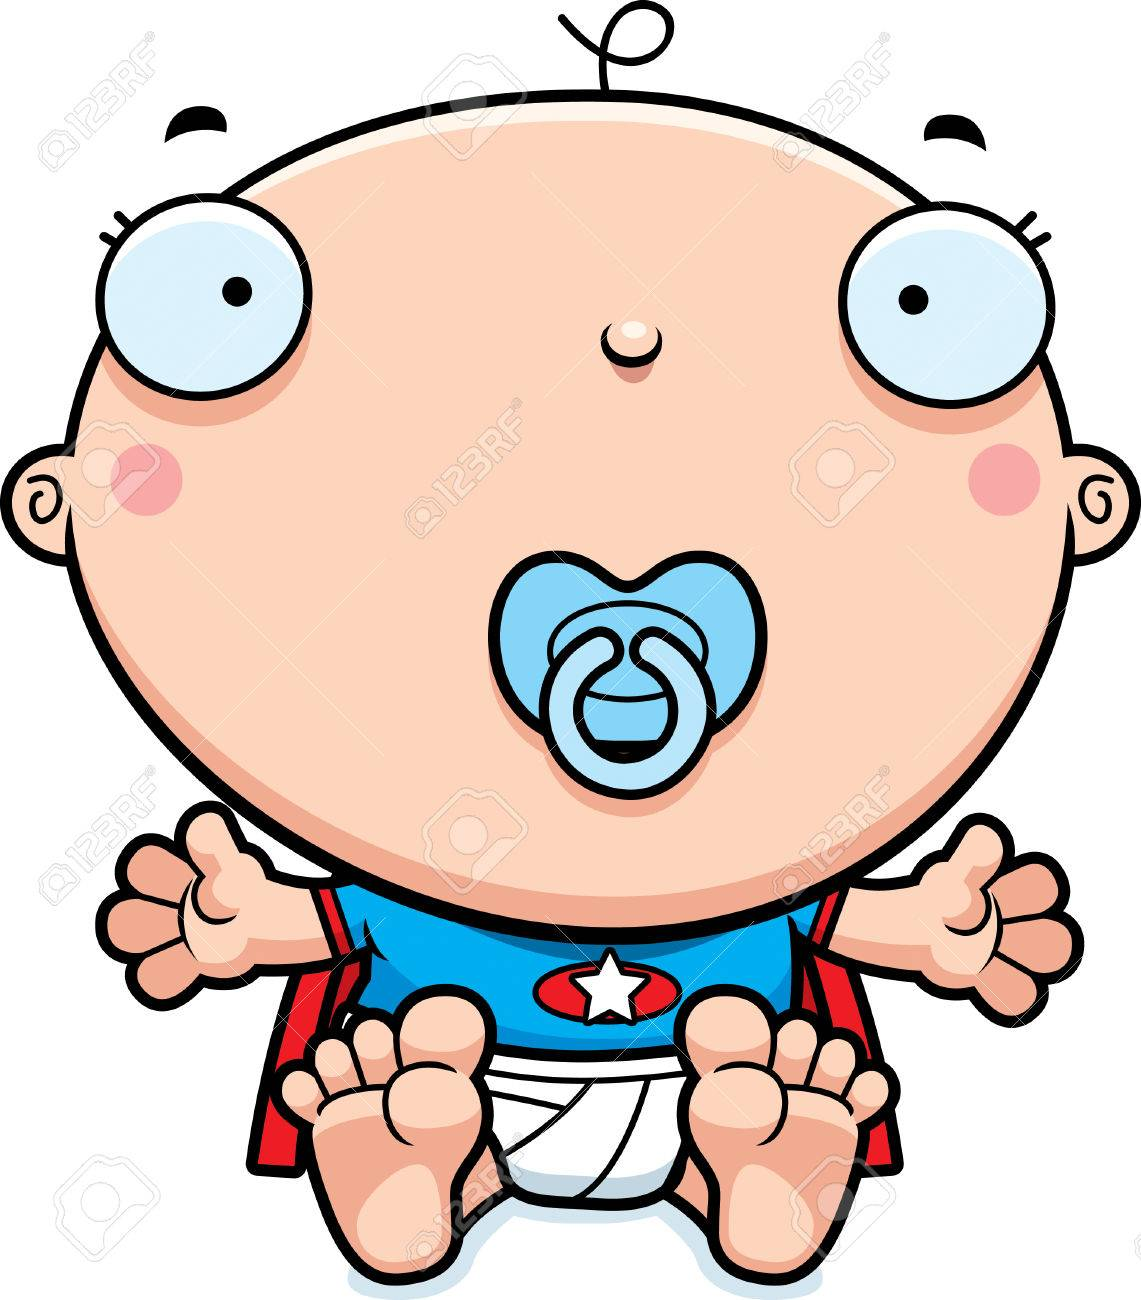 Une Illustration De Dessin Animé D Un Bébé Super Héros Avec Une Sucette